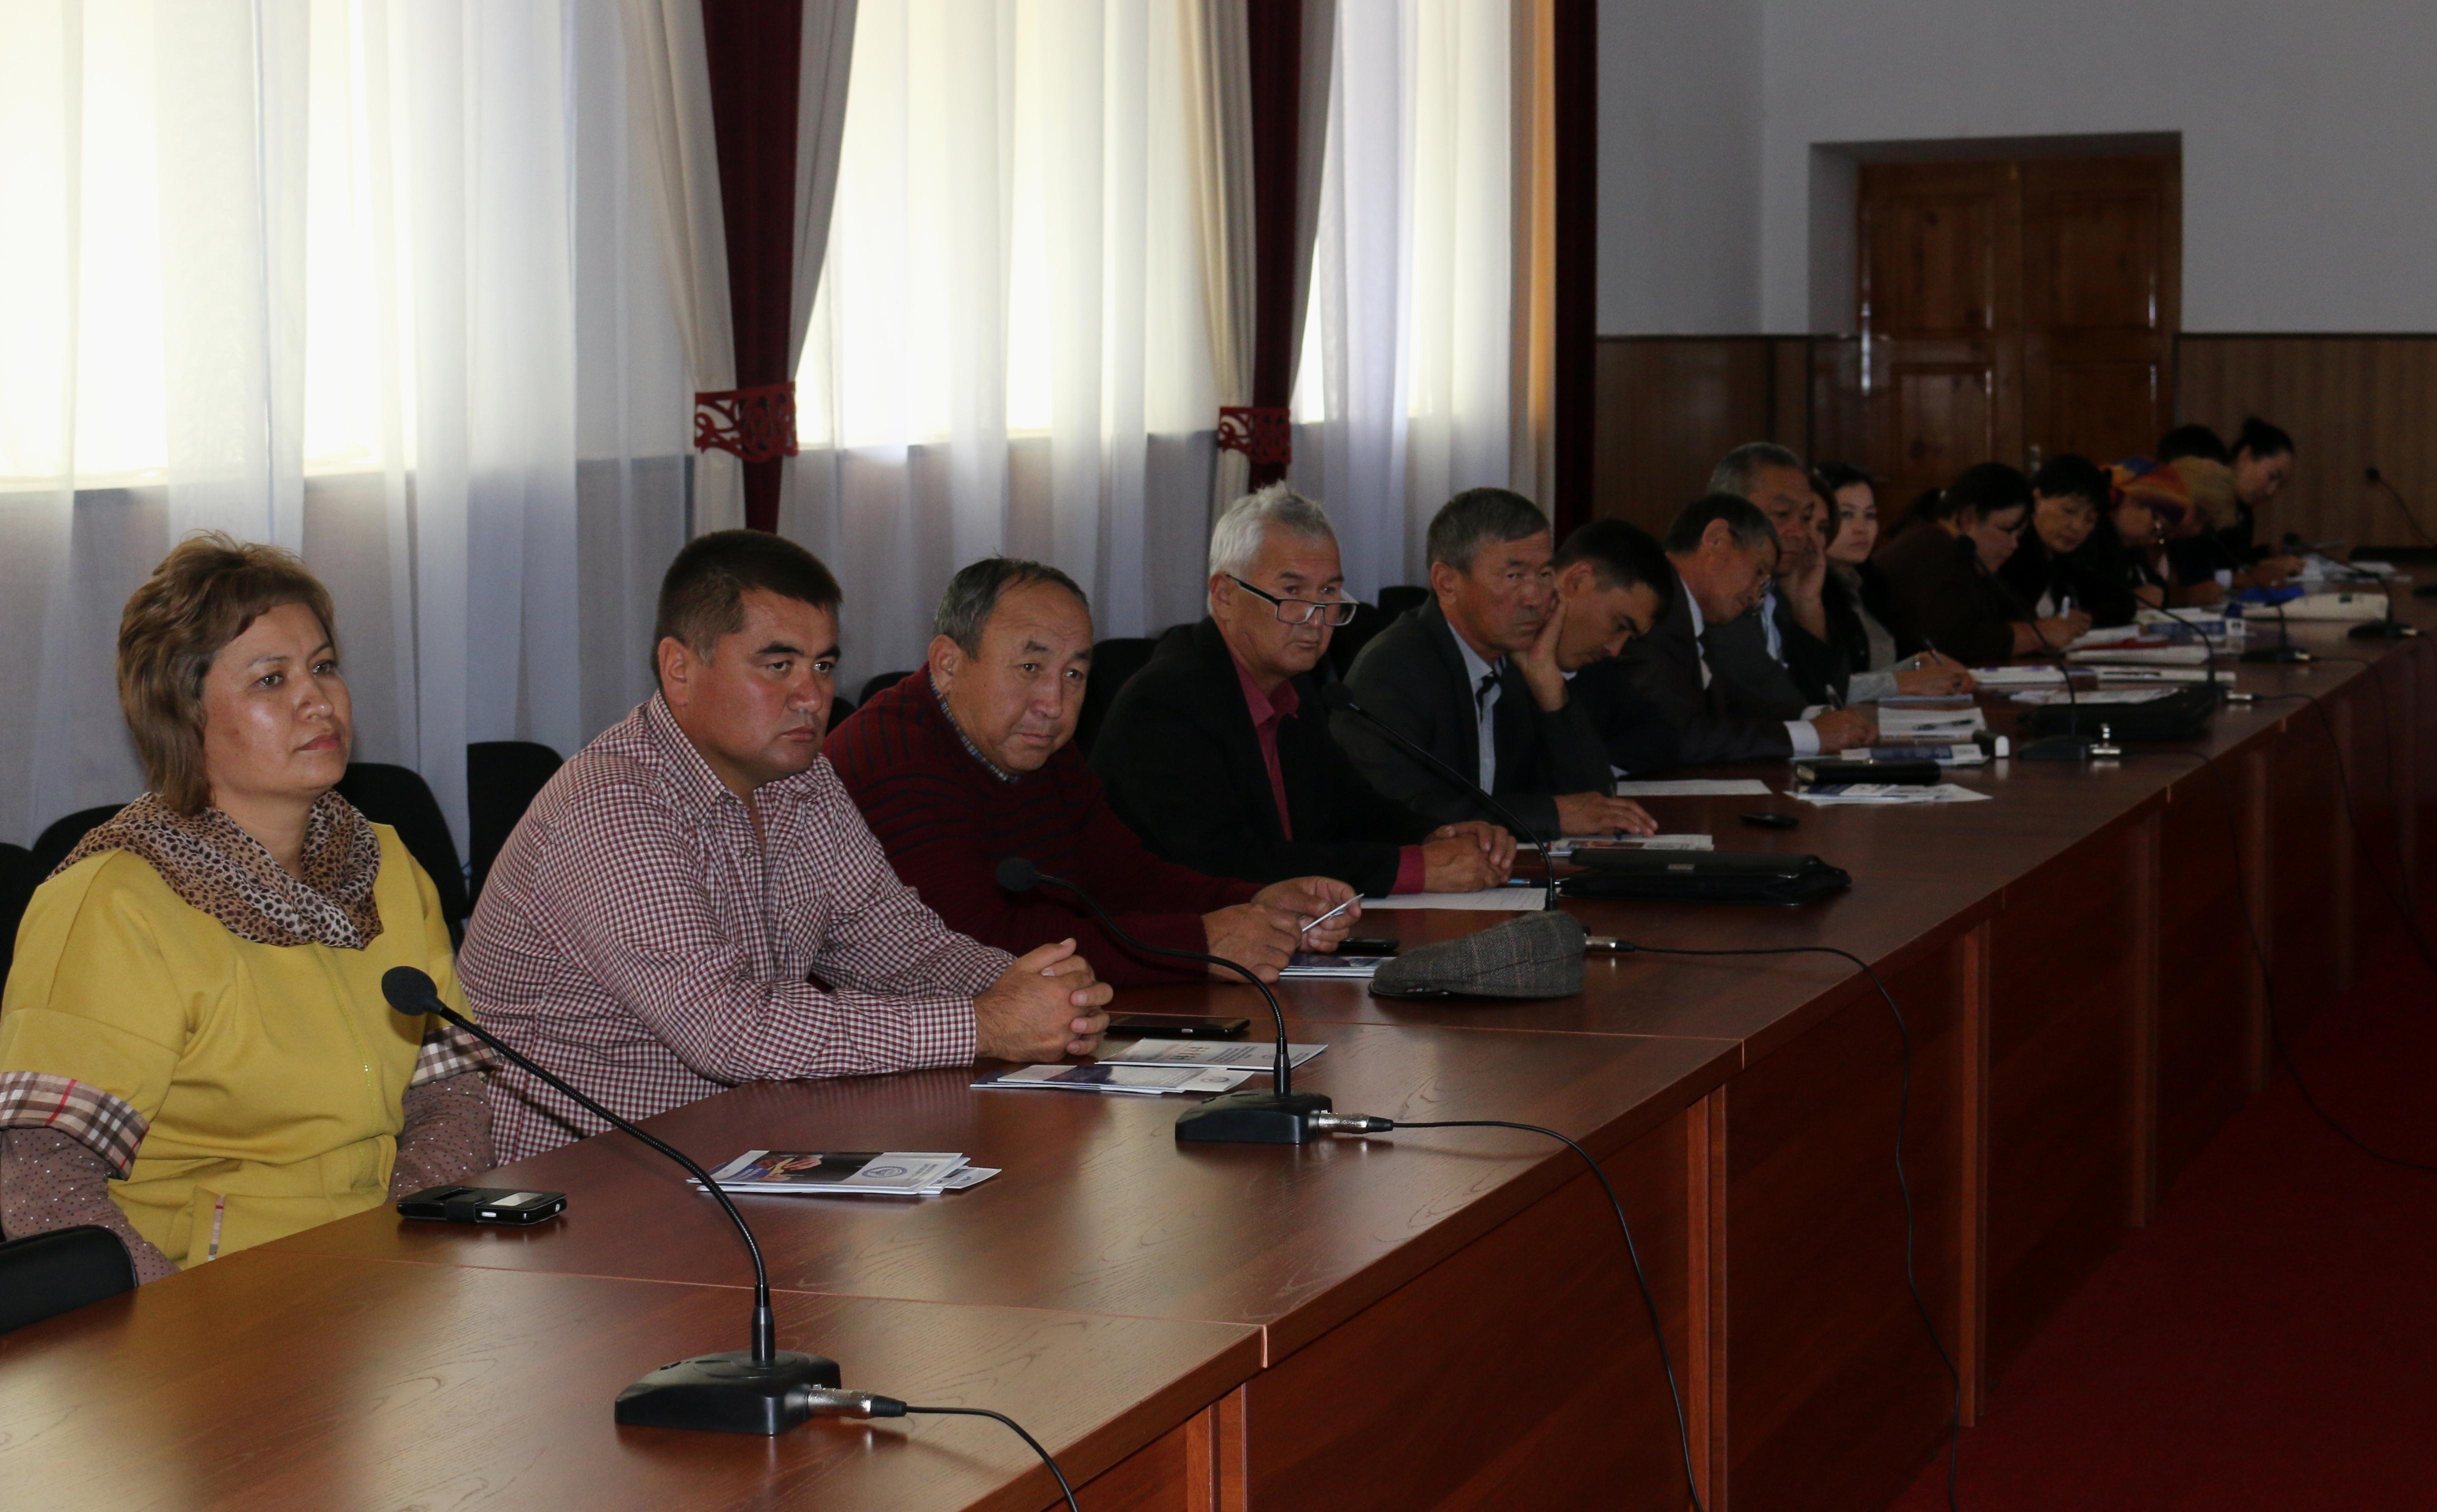 Начальник Управления юстиции Иссык-Кульской области встретился с представителями органов местного самоуправления Иссык-Кульского района